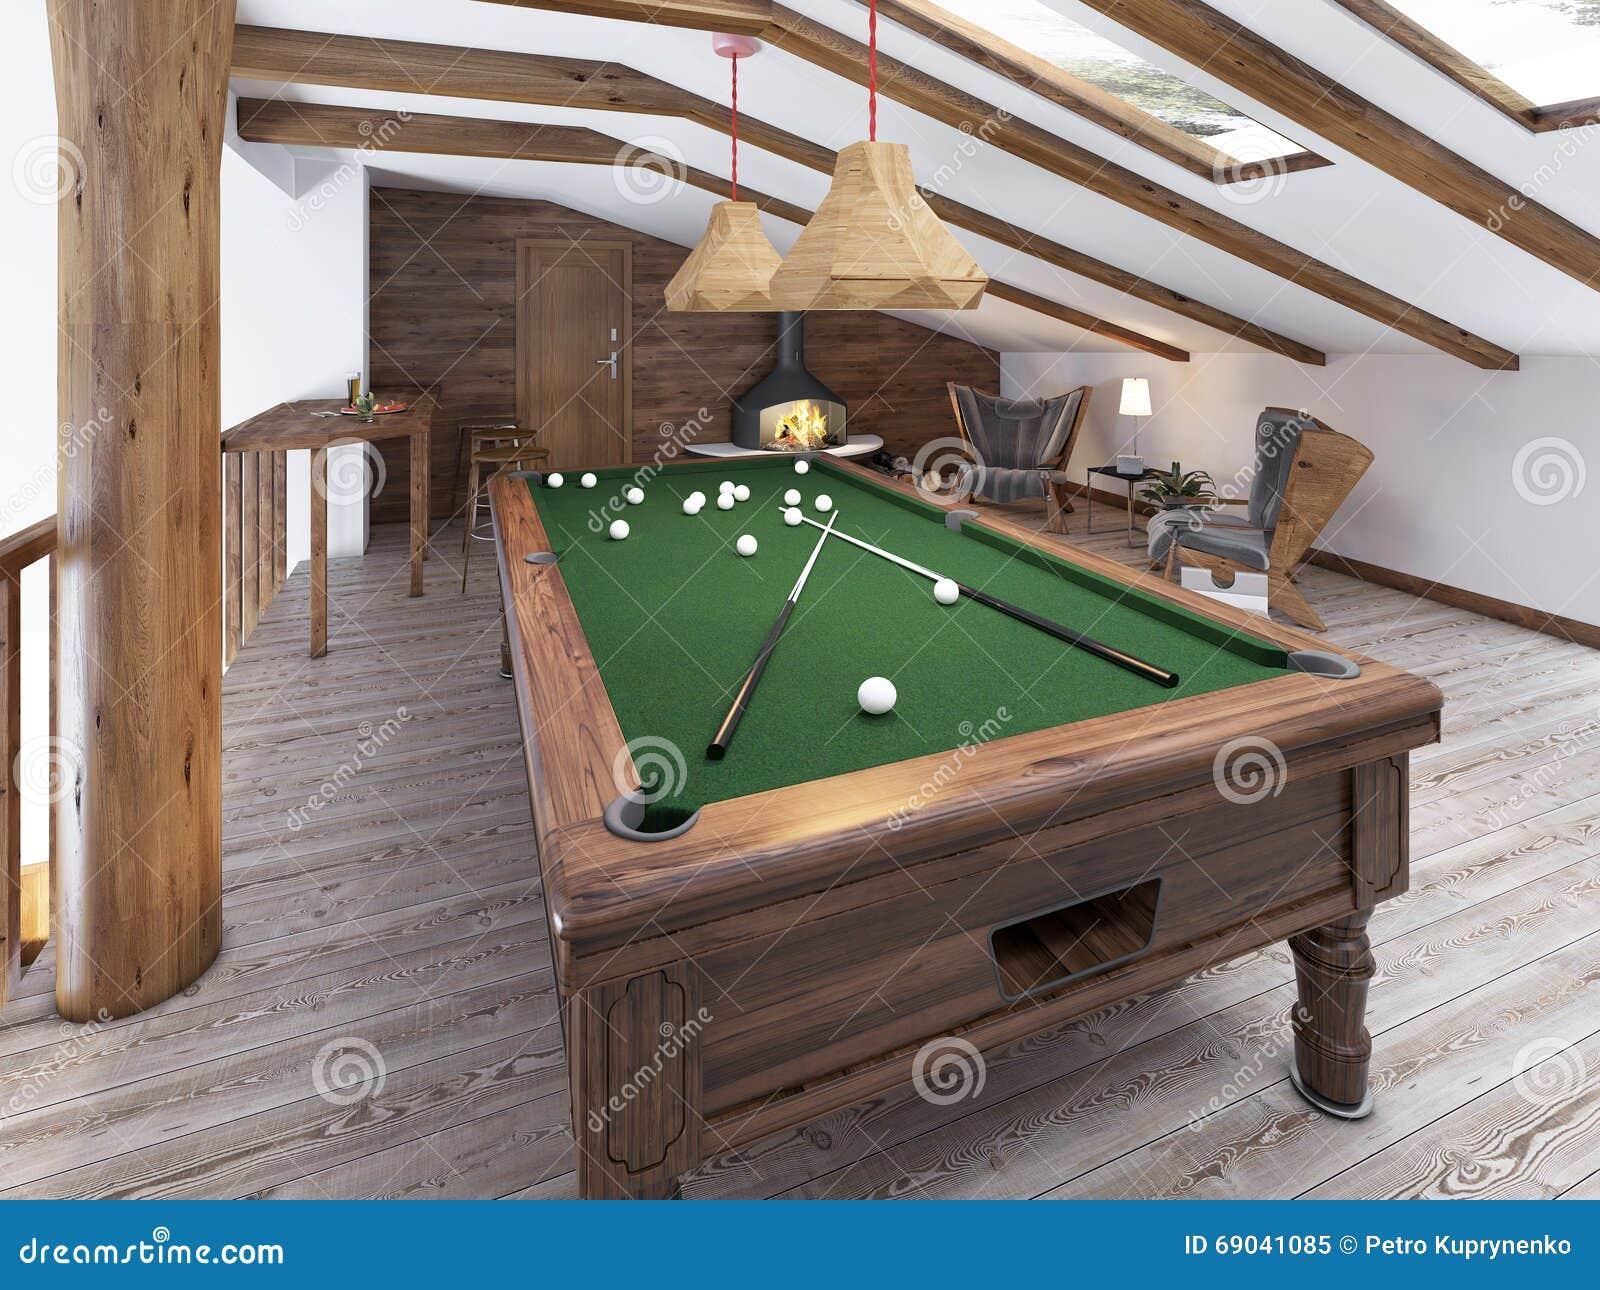 billardraum im dachboden mit sitzecke und kamin stockbild bild von fu boden kugel 69041085. Black Bedroom Furniture Sets. Home Design Ideas